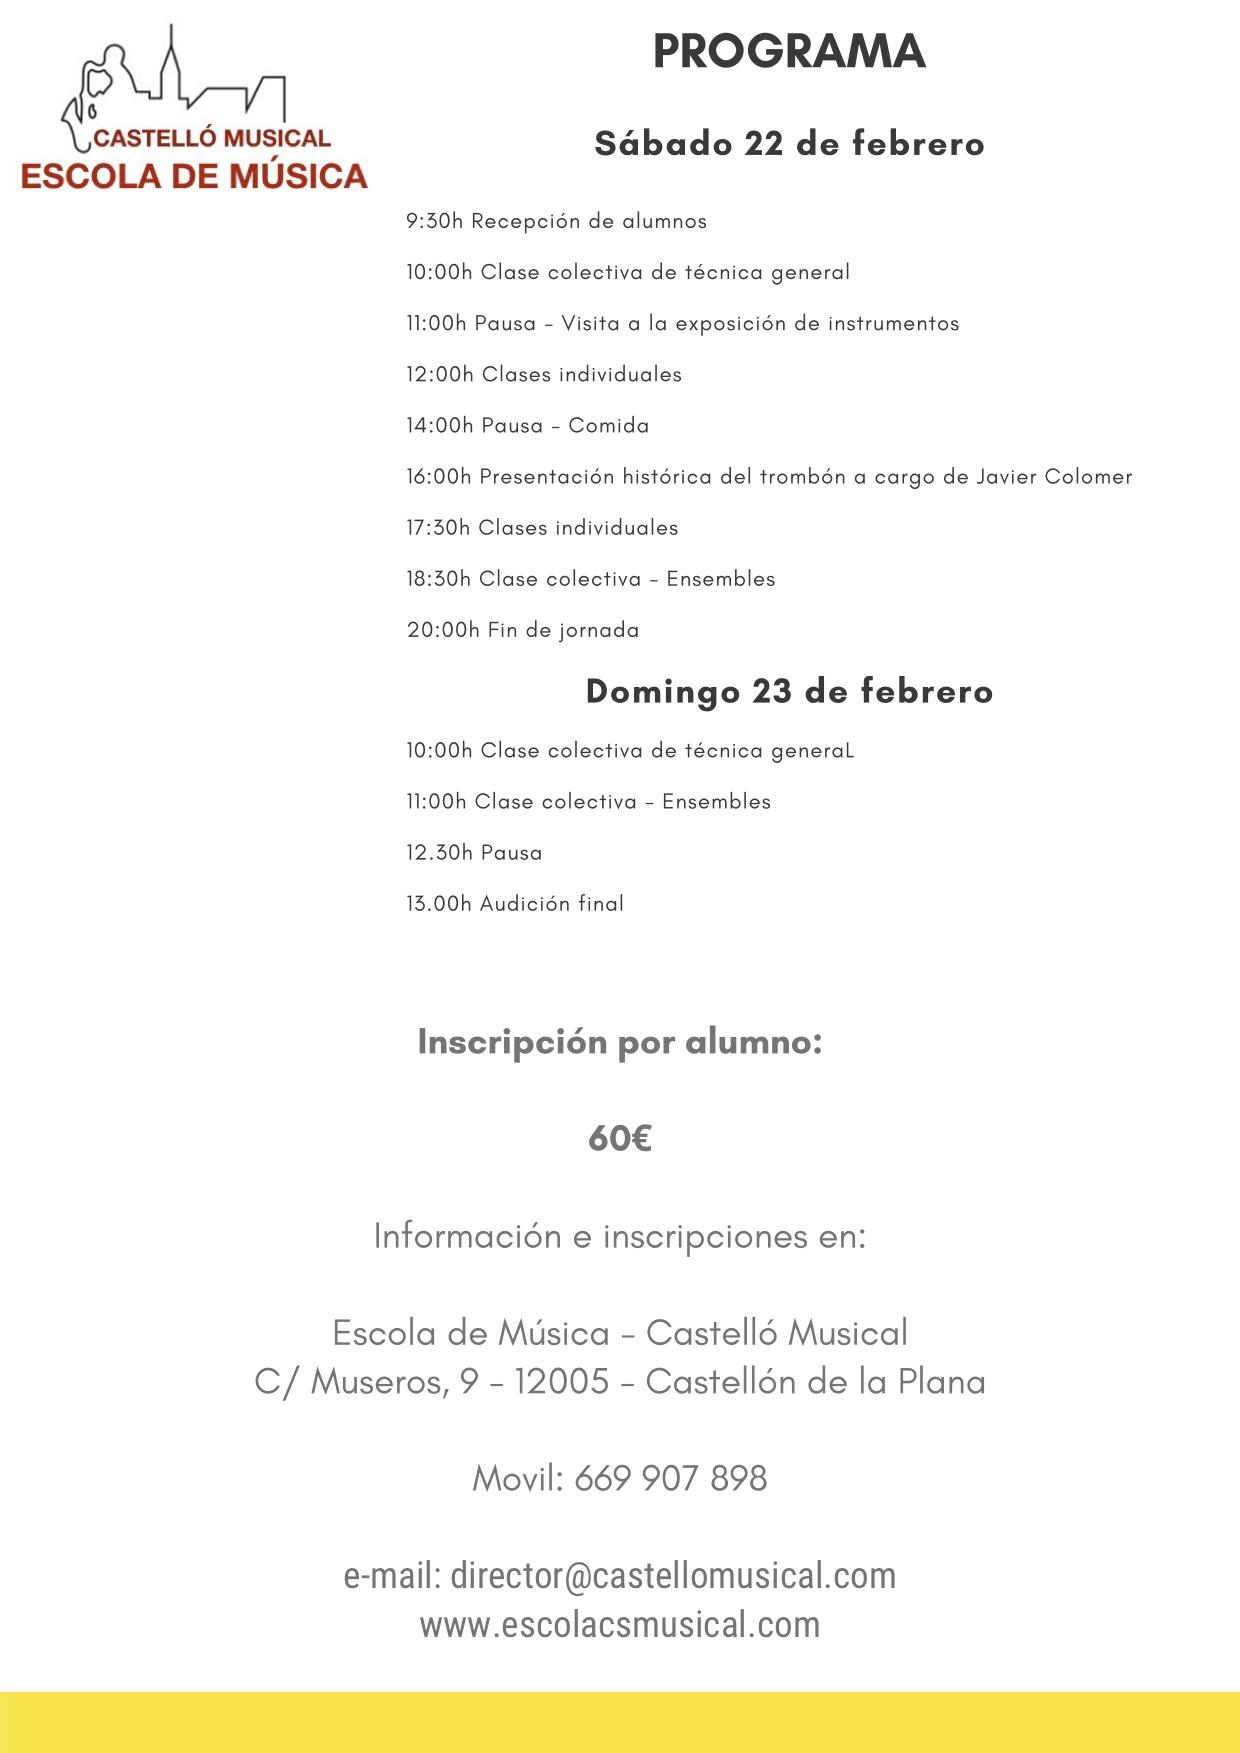 CURSO DE TROMBÓN CASTELLÓN - 2